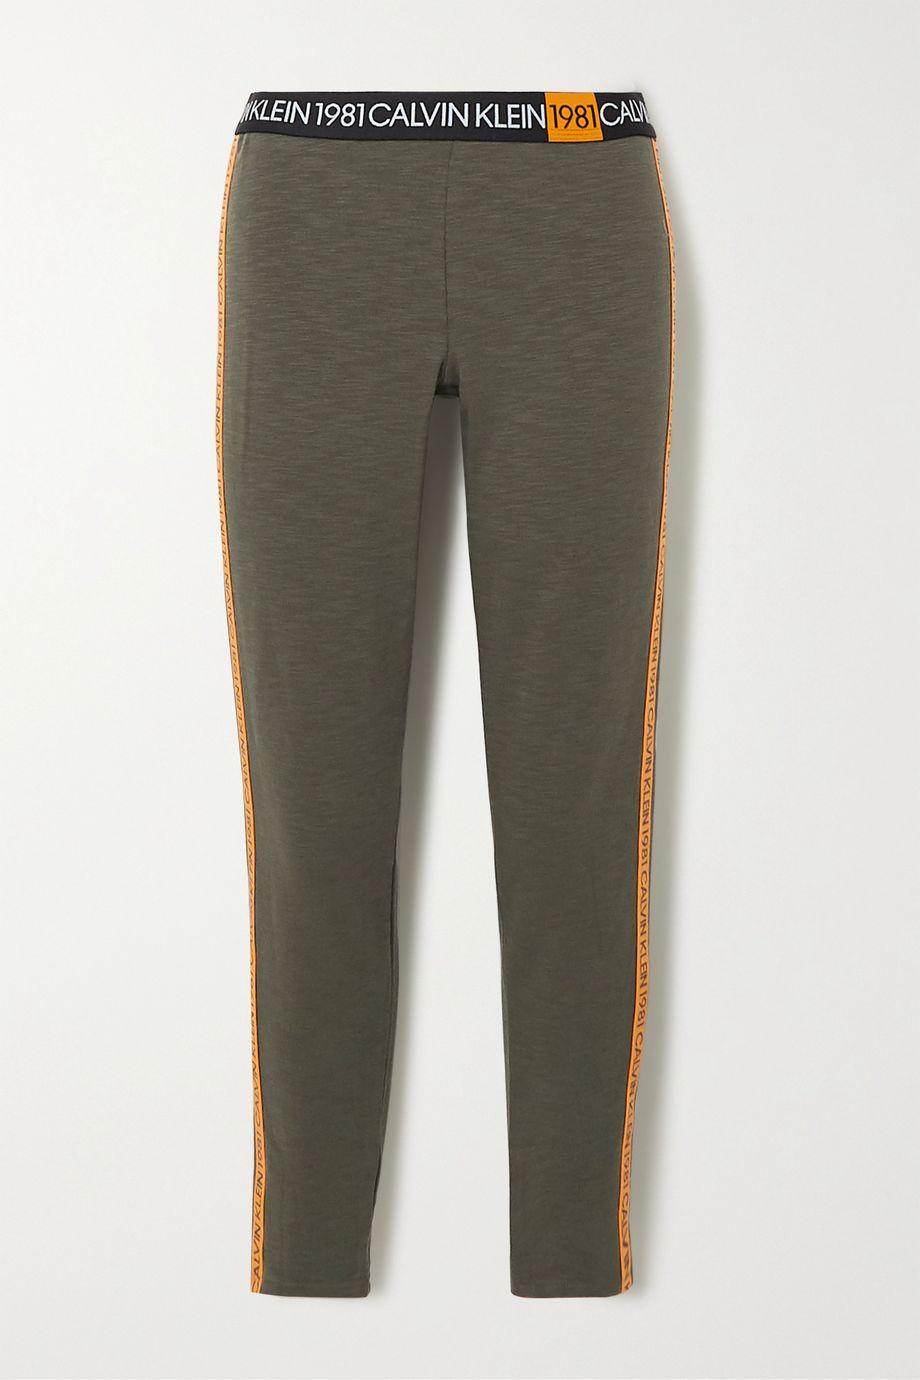 Calvin Klein Underwear Striped cotton-blend jersey leggings